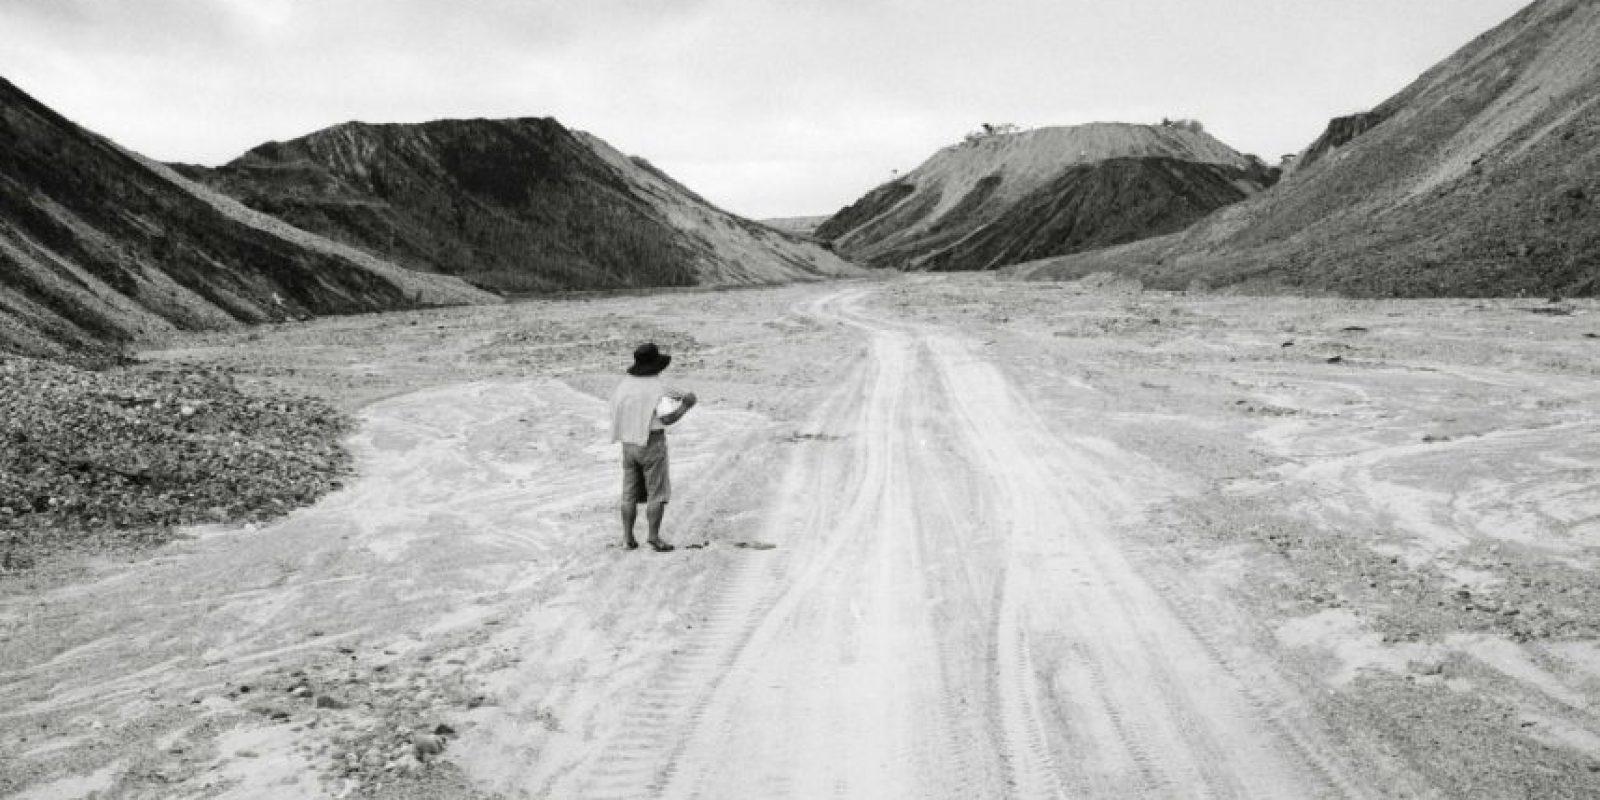 Un minero espera en la carretera debido al denso tráfico que se generó antes de la llegada de la policía para resolver la minería ilegal en Huepetuhe, en la región de Madre de Dios, Perú. El país andino criminalizó la minería de oro sin licencia en 2012, aun que la ley entró en vigor este año una vez se empezaron a utilizar explosivos para la extracción. Dichas operaciones han desplazado a miles de mineros, de las aproximadamente 40.000 personas que según las autoridades se trasladaron a la selva para extraer oro. 22 de mayo, 2014. Foto:AP Photo/ Rodrigo Abd